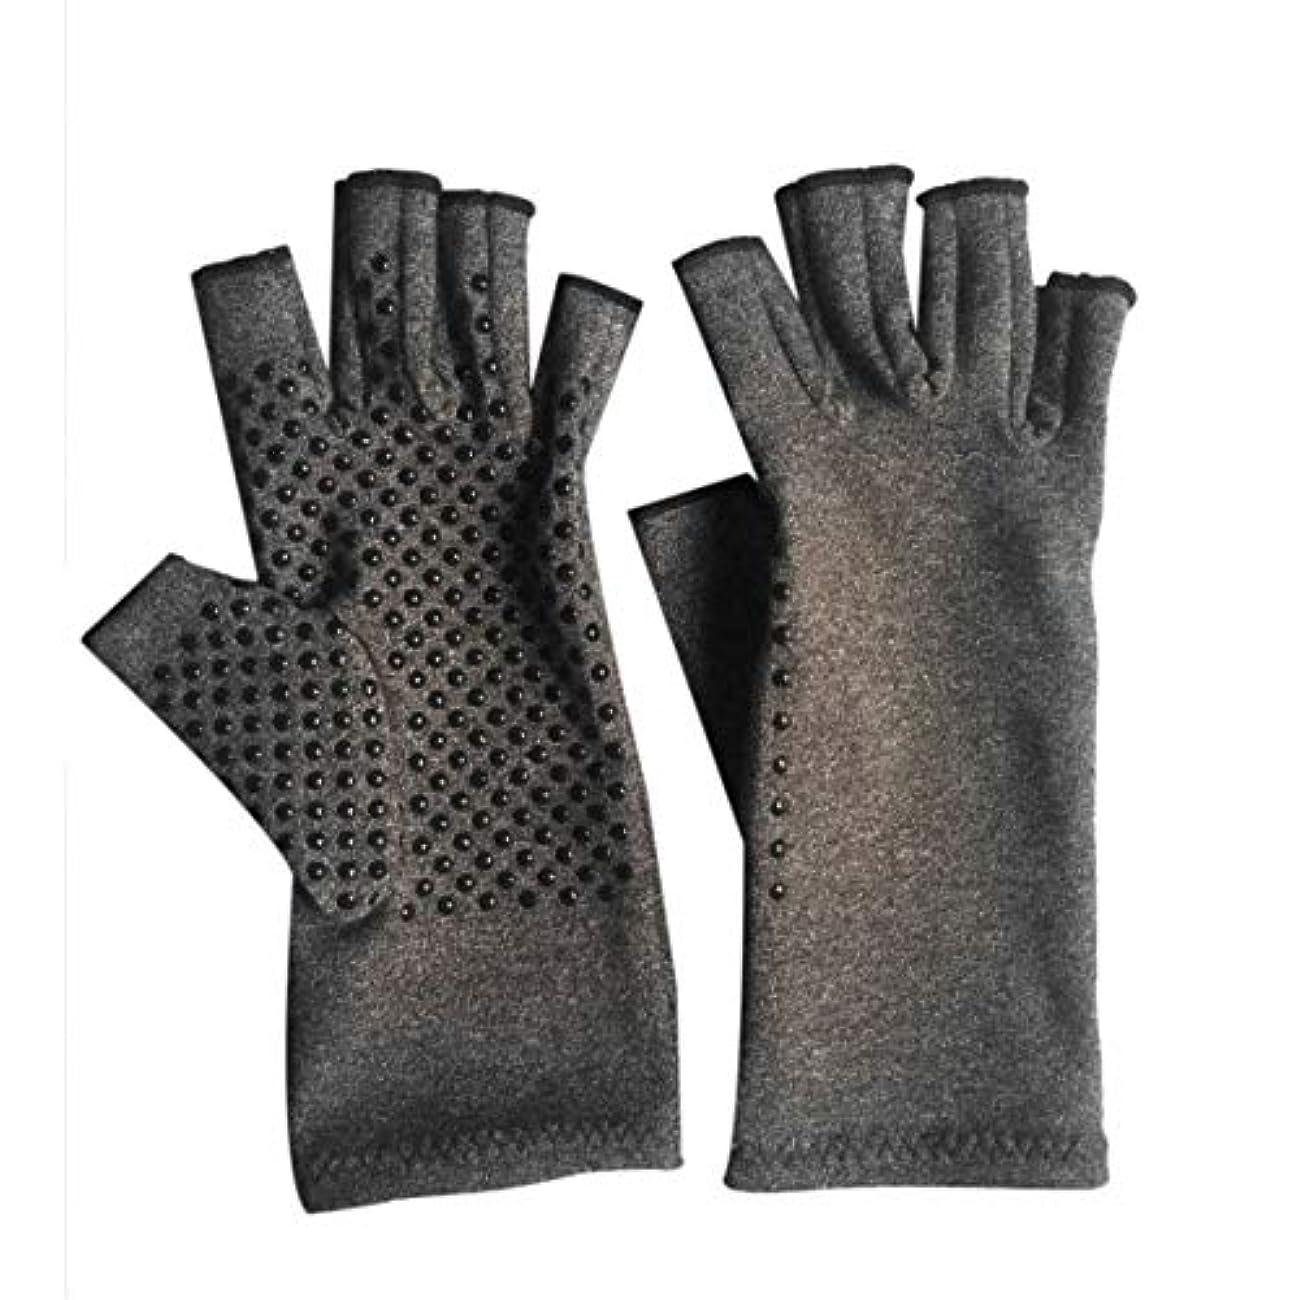 スキム極めて重要な家庭1ペアユニセックス男性女性療法圧縮手袋関節炎関節痛緩和ヘルスケア半指手袋トレーニング手袋 - グレーM